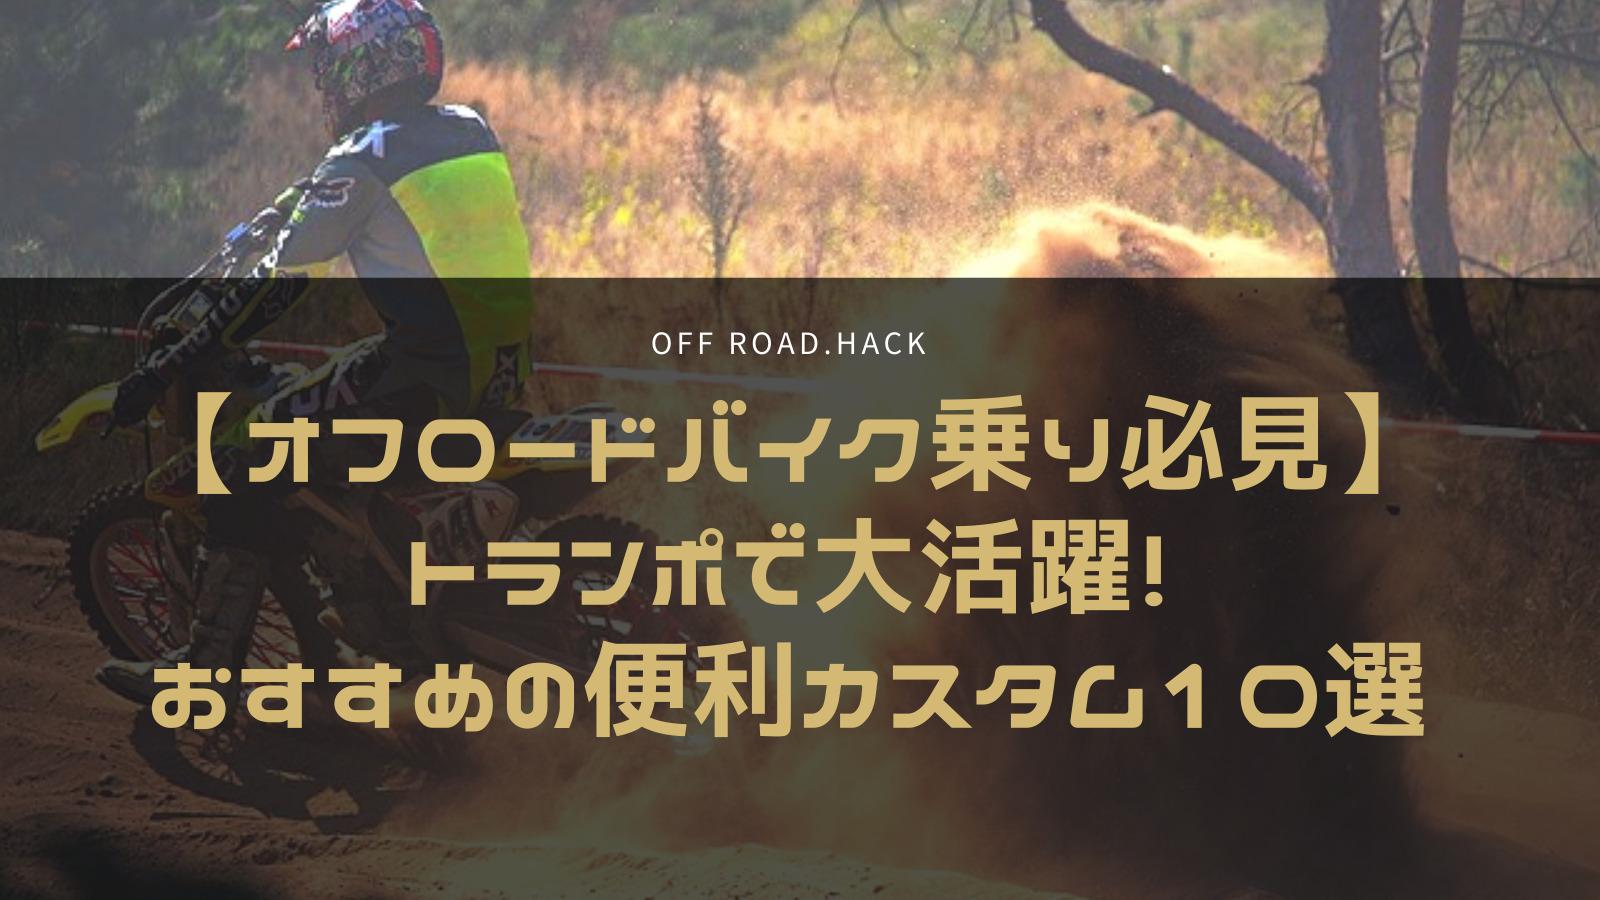 【オフロードバイク乗り必見】トランポで大活躍!おすすめの便利カスタム10選